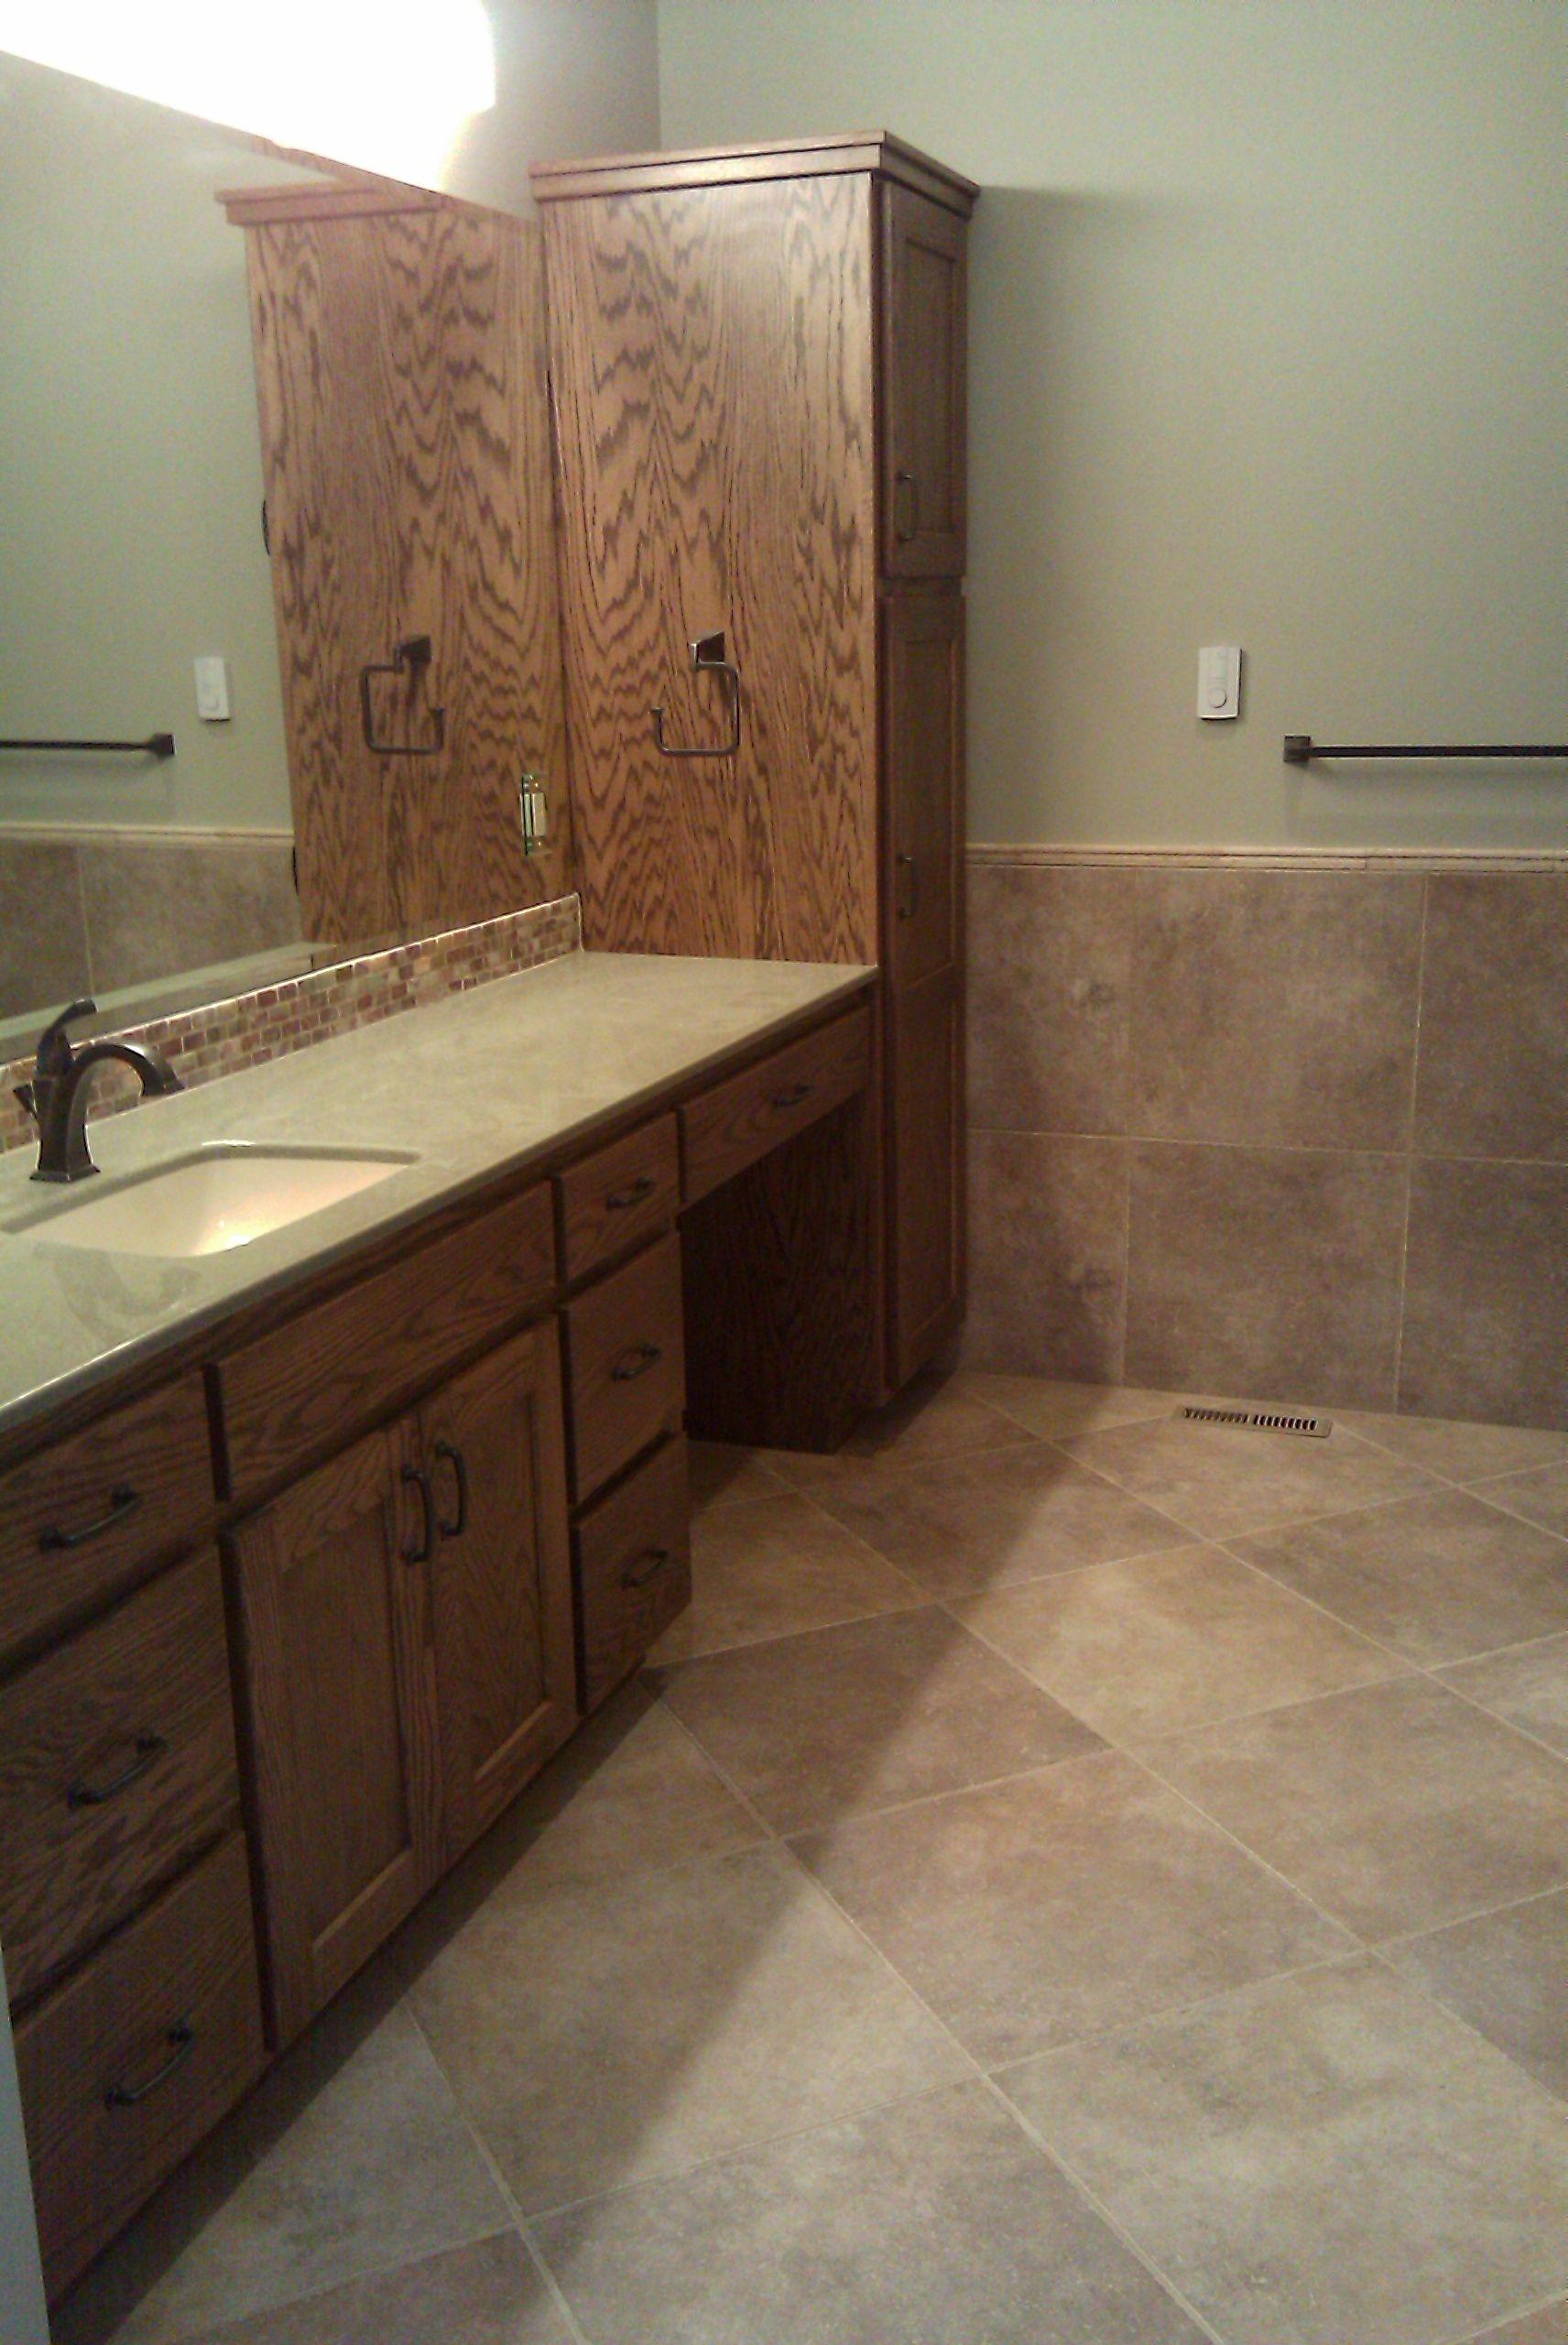 Marazzi Walnut Canyon Cream 20x20 Tile Installed On 45